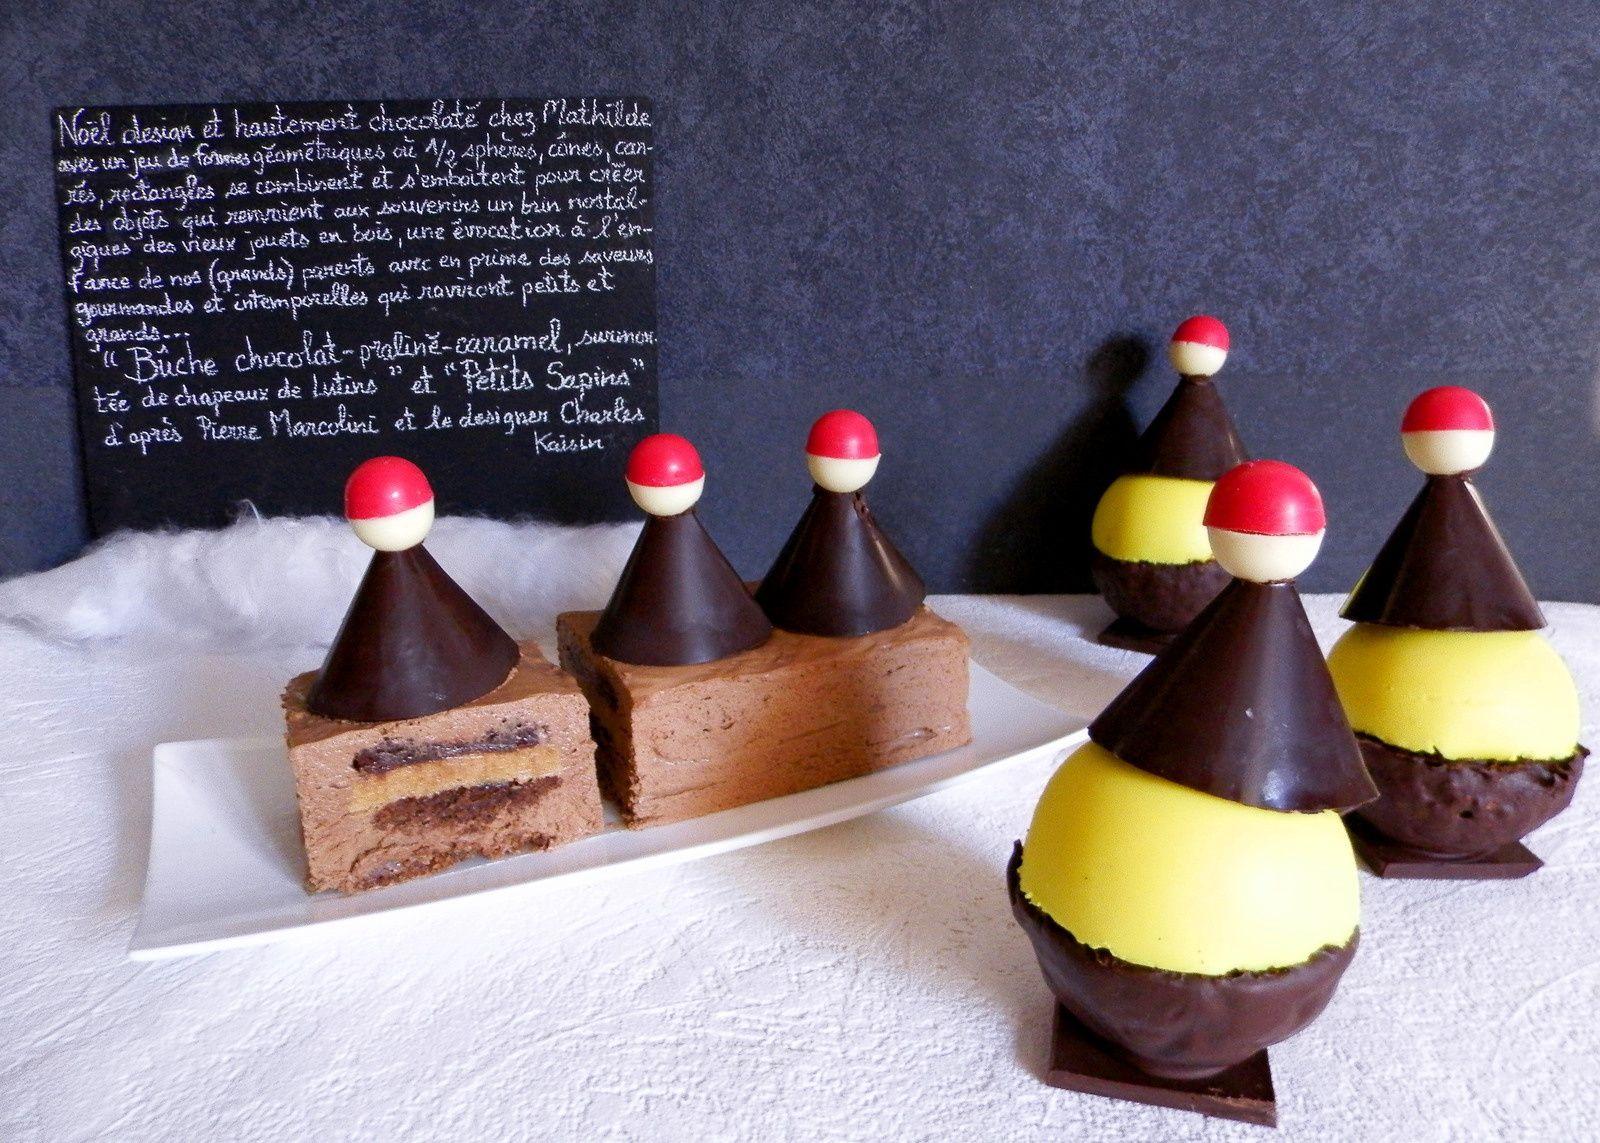 Bûche chocolat, praliné et caramel d'après Pierre Marcolini